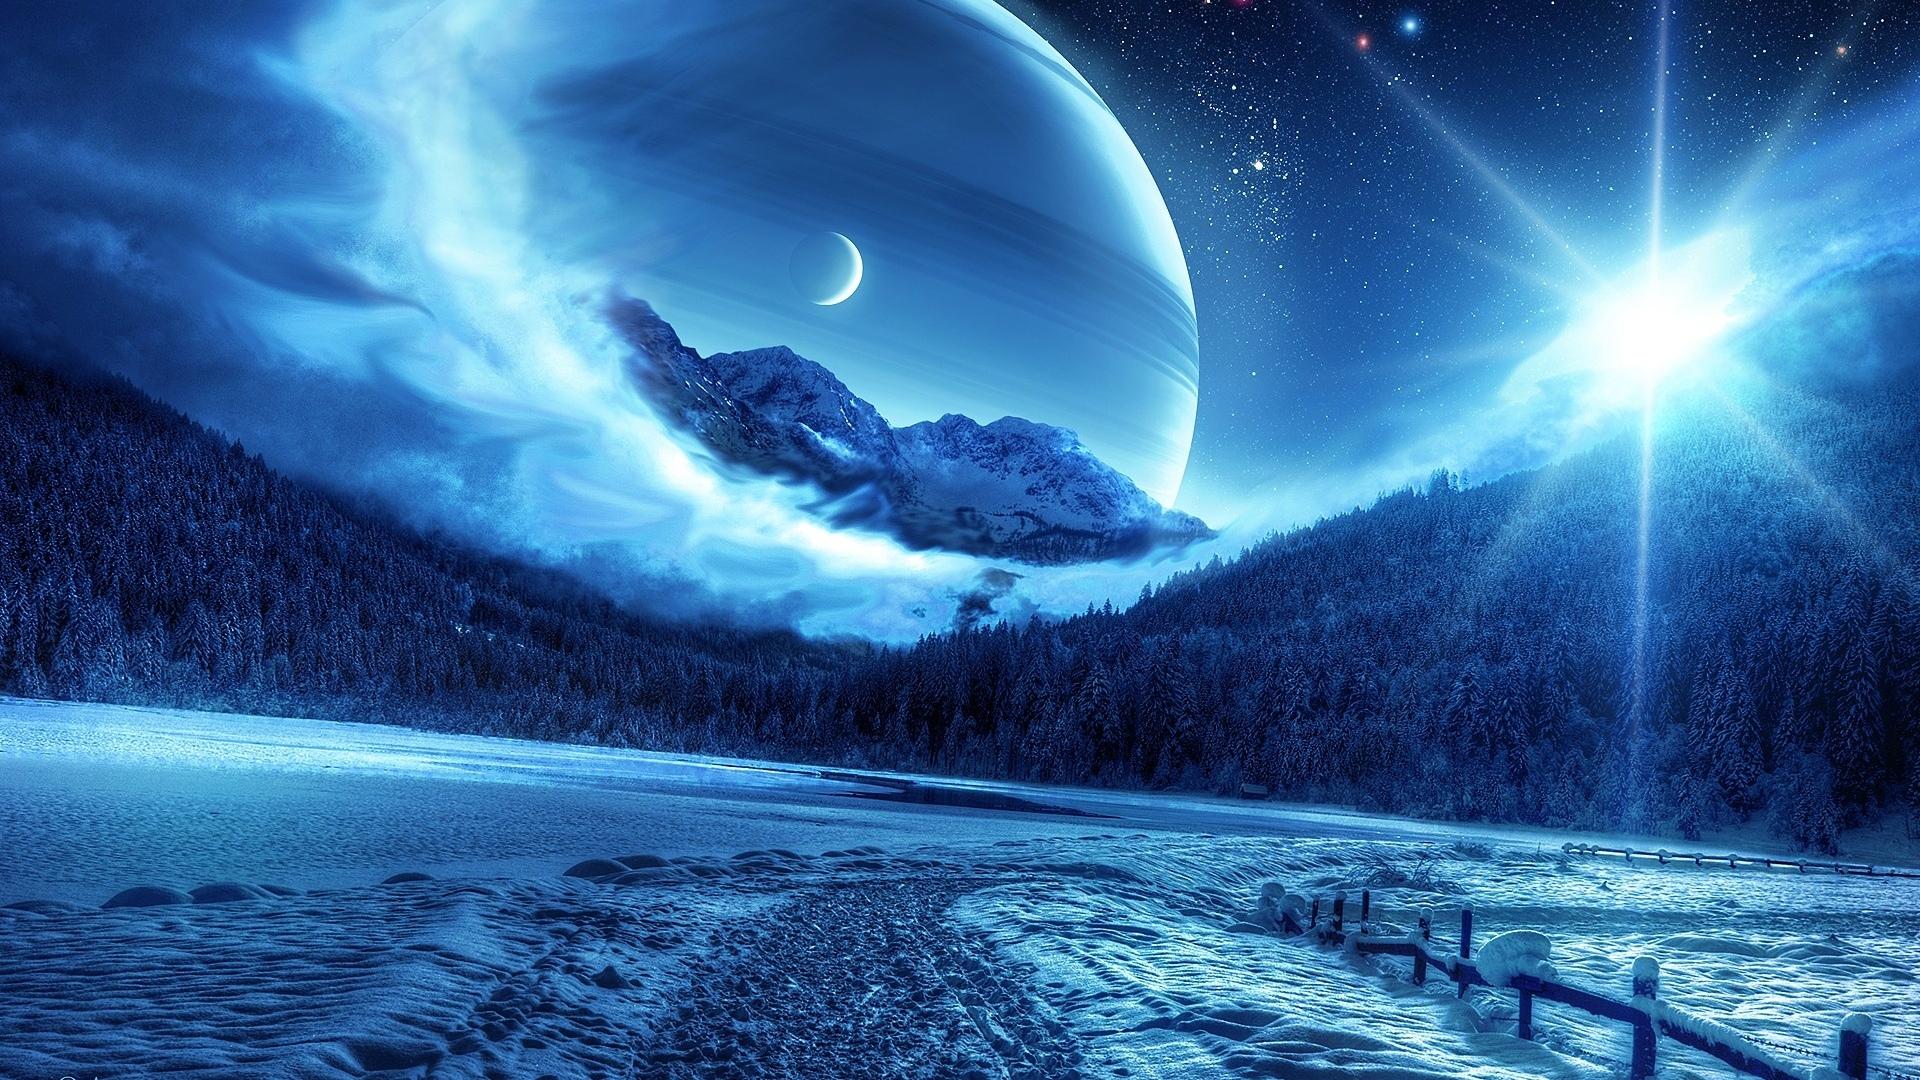 женскую красивые картинки ночи и вселенной словам дарьи